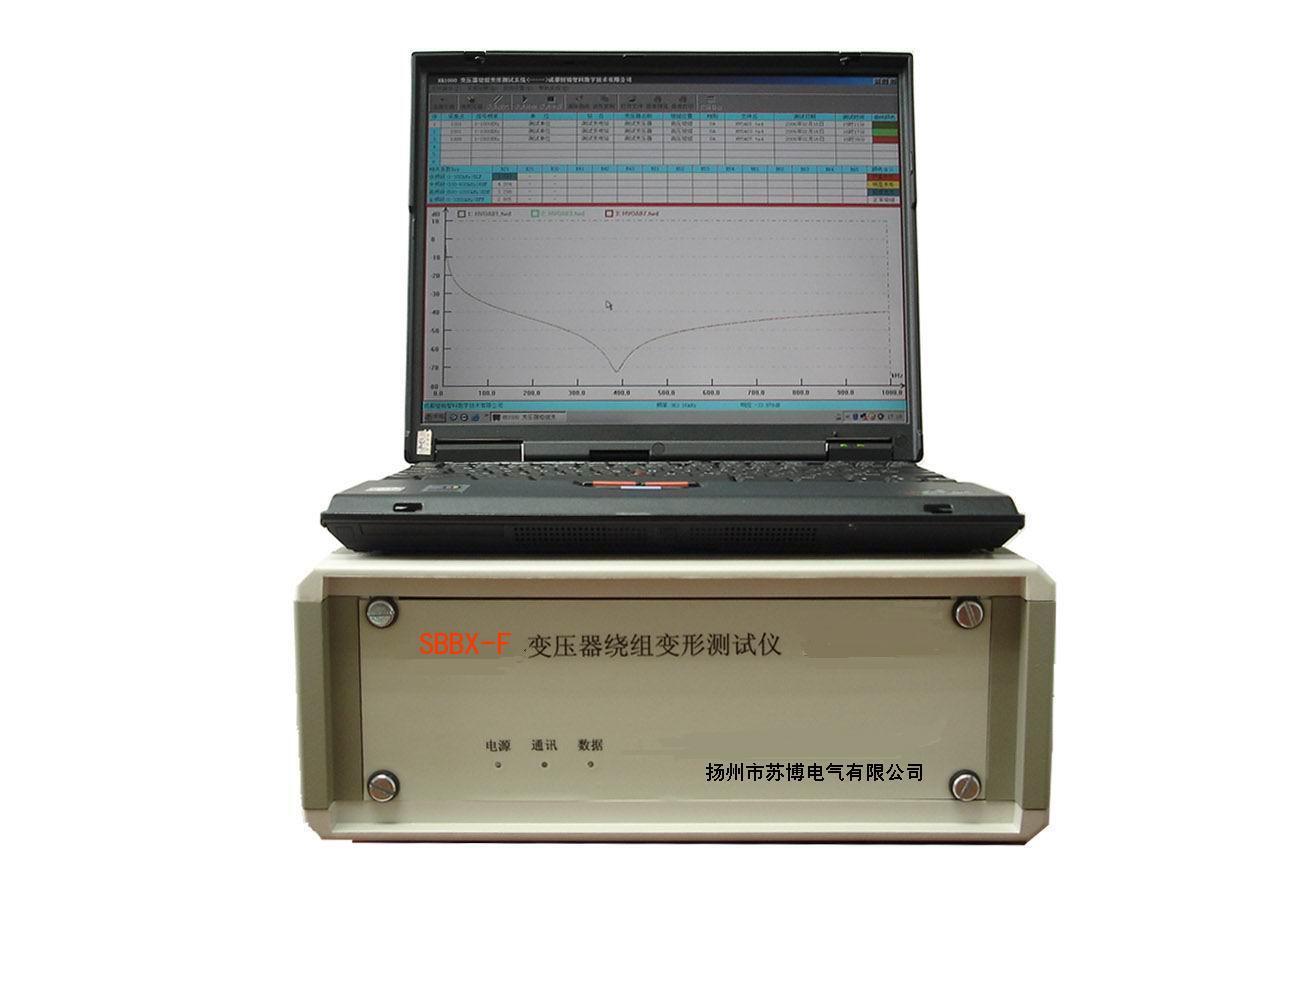 变压器绕组测试仪 变压器绕组测试仪(频响法) 苏博电气 变压器绕组测试仪(阻抗法)